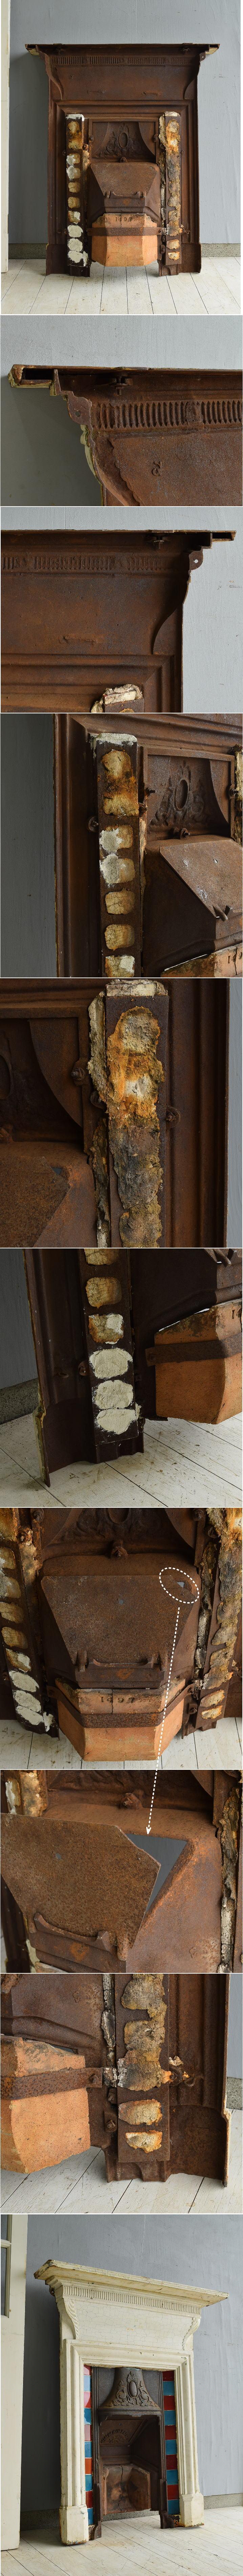 イギリス アンティーク ファイヤープレイス 暖炉 ディスプレイ 7147